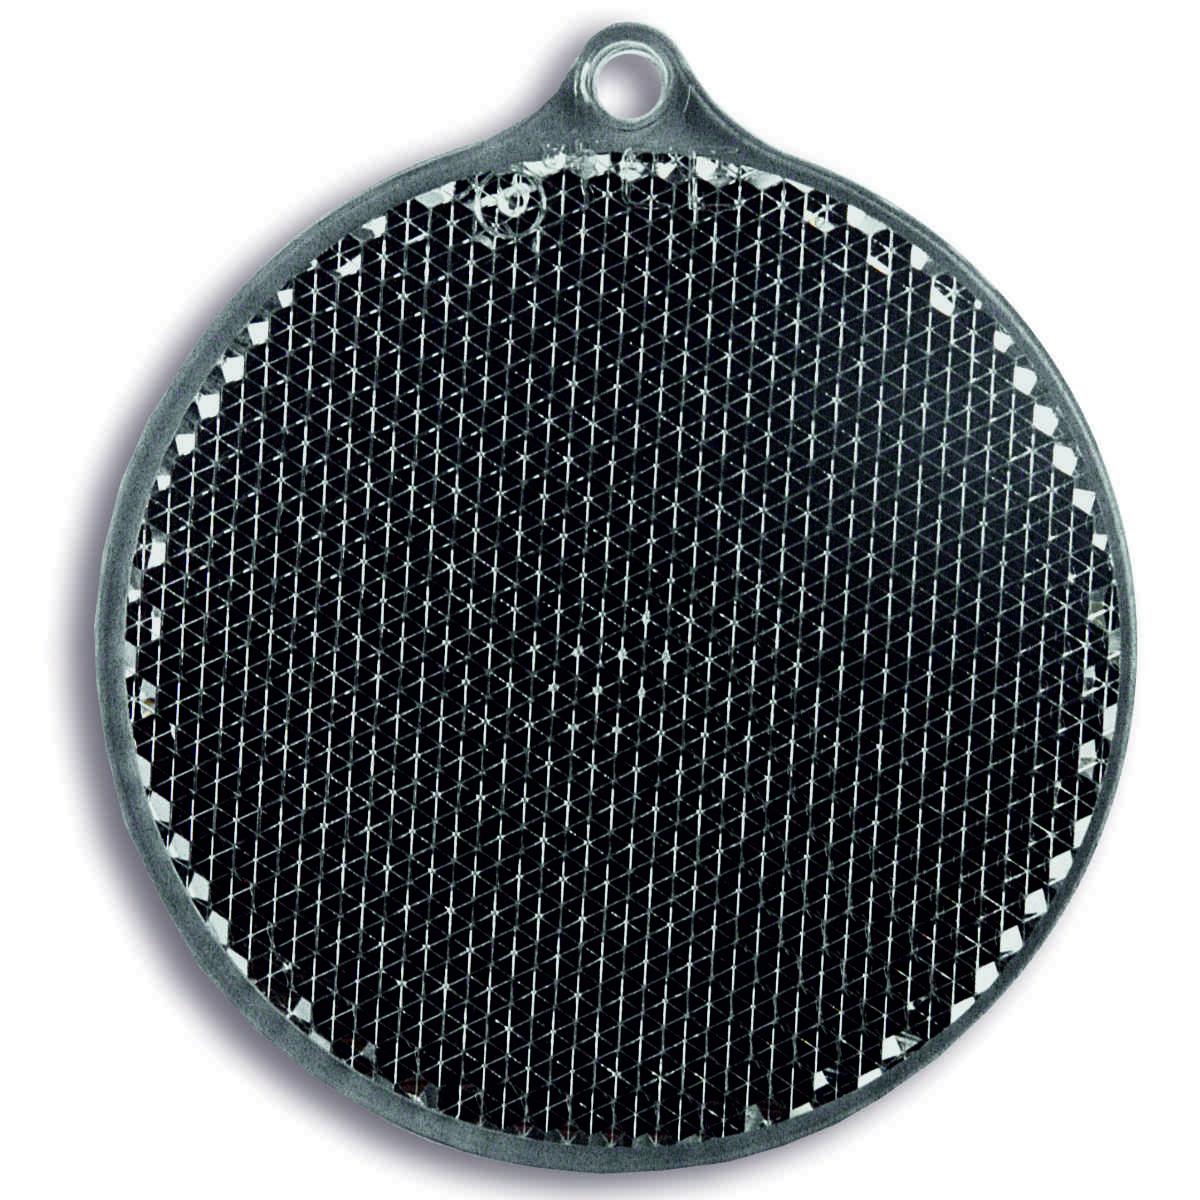 Мамасвет Светоотражатель пешеходный Круг цвет серый ( 51003.20 )